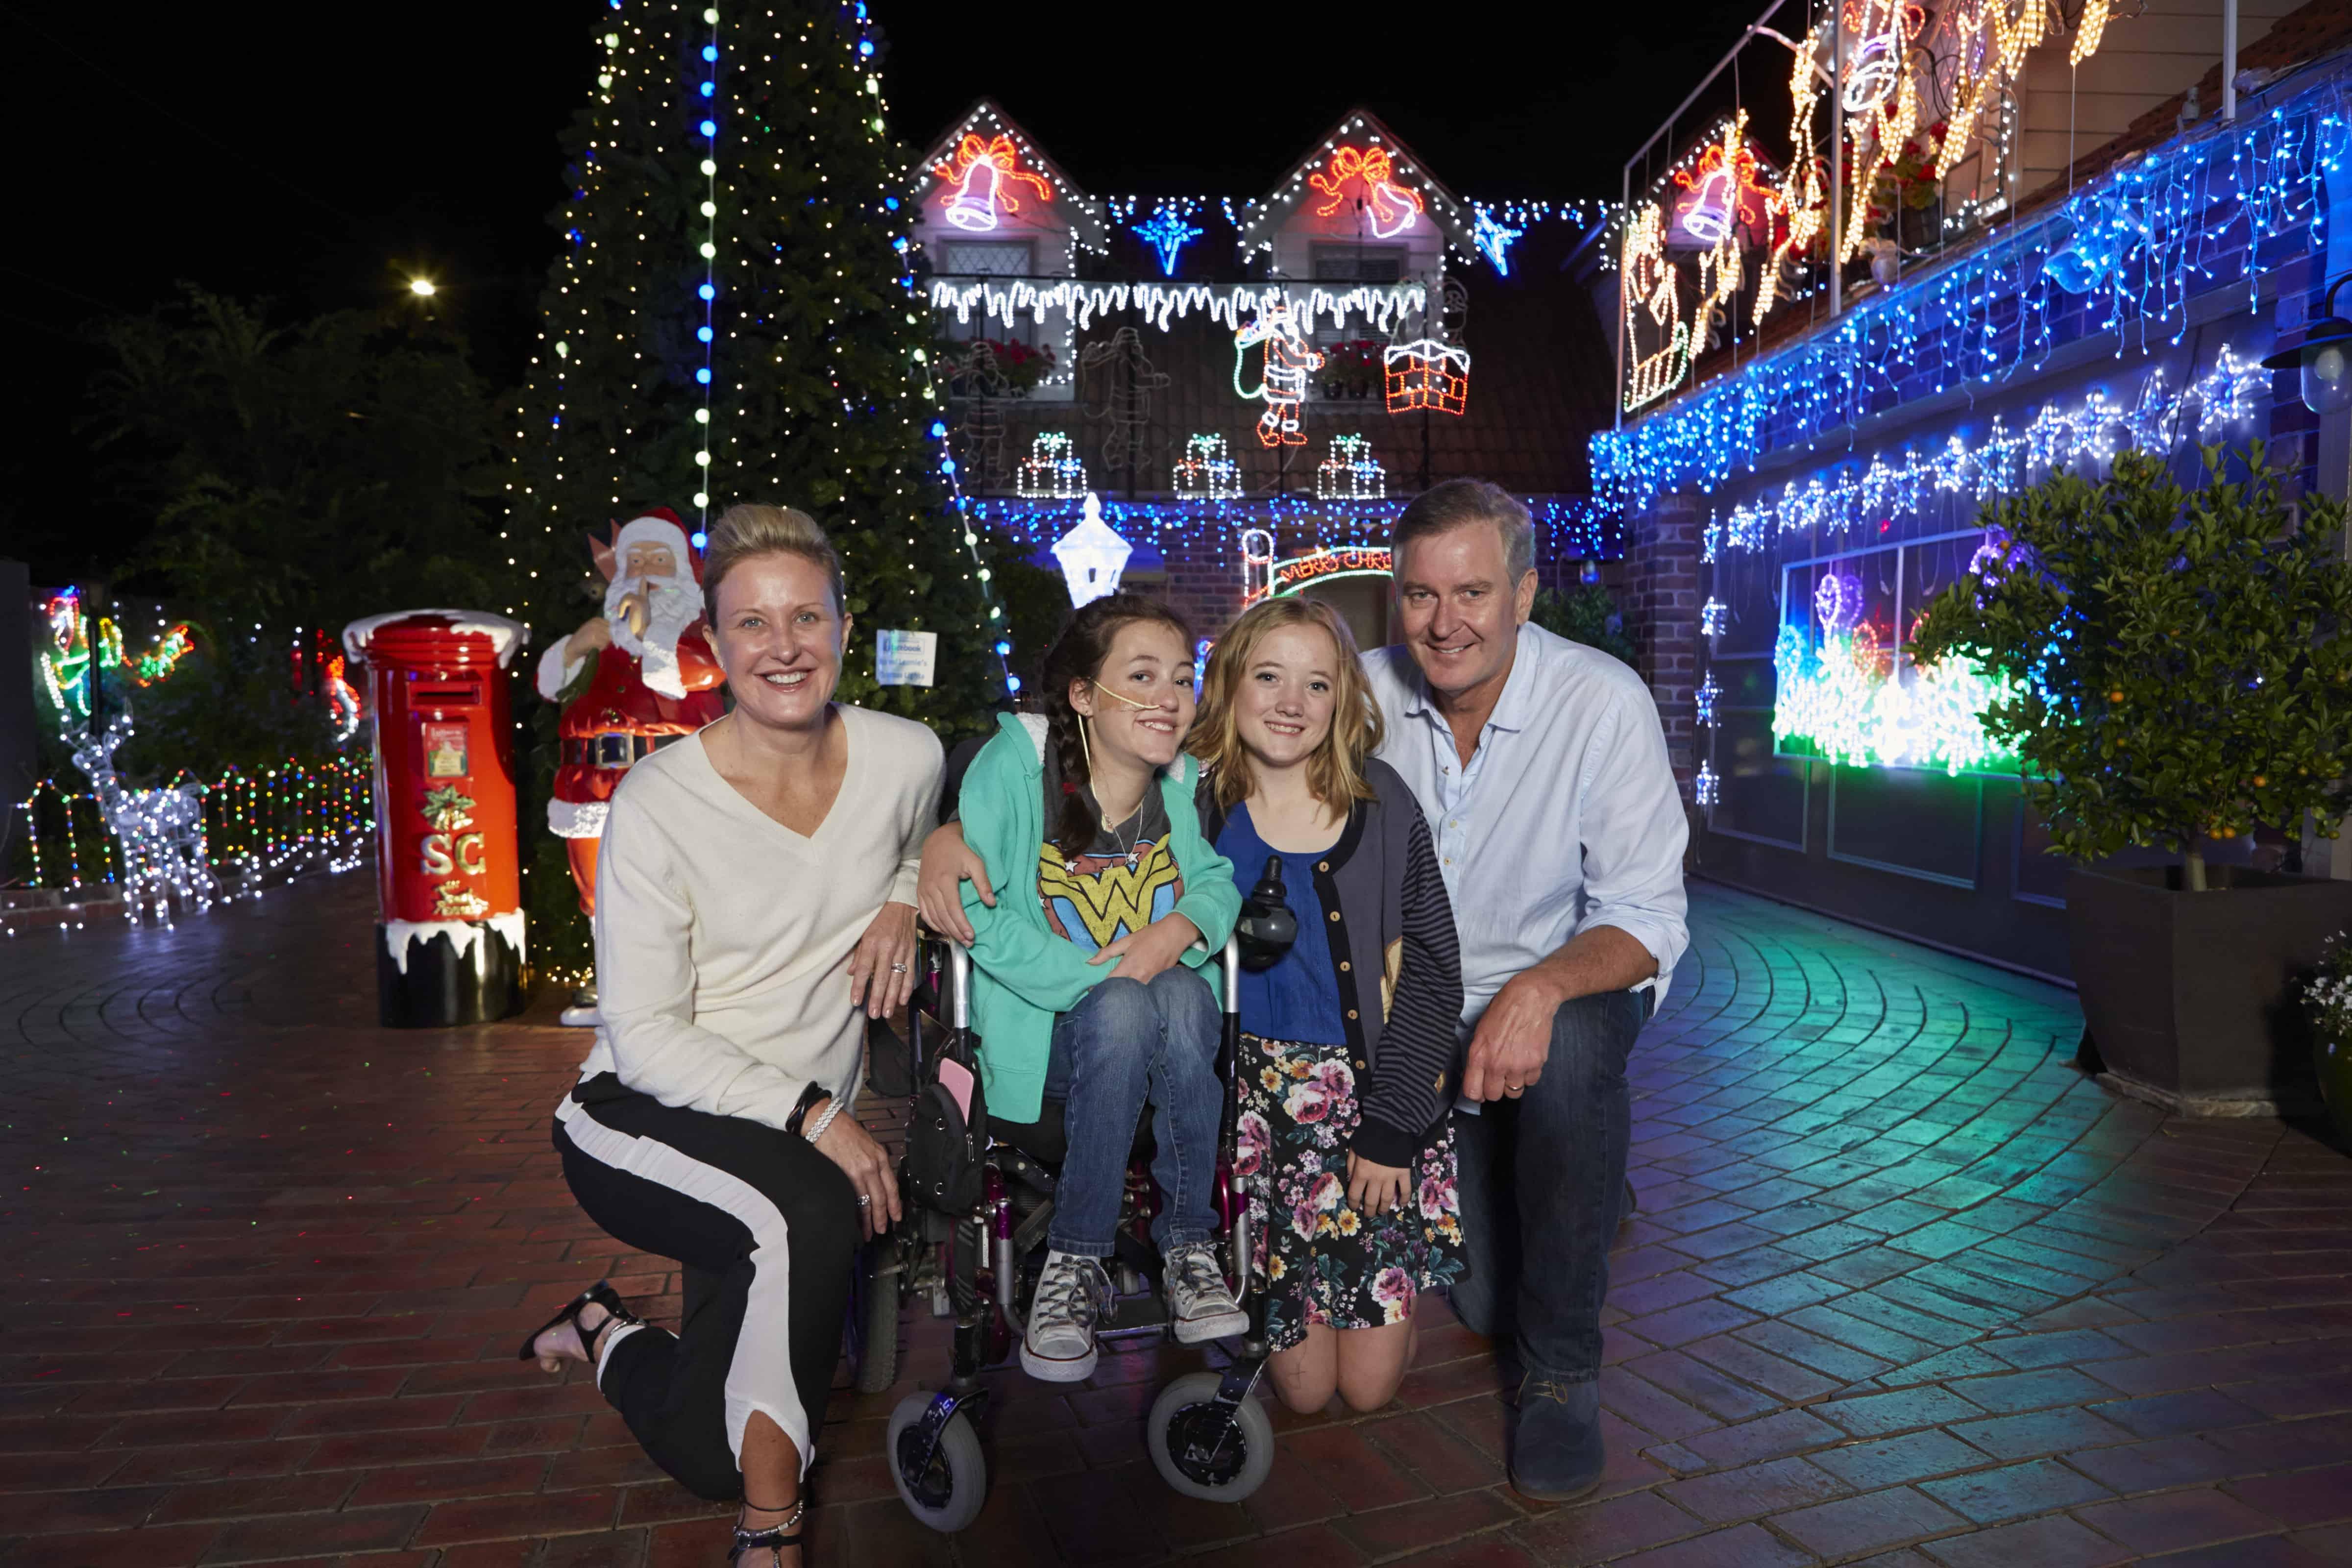 P30-31. Christmas lights